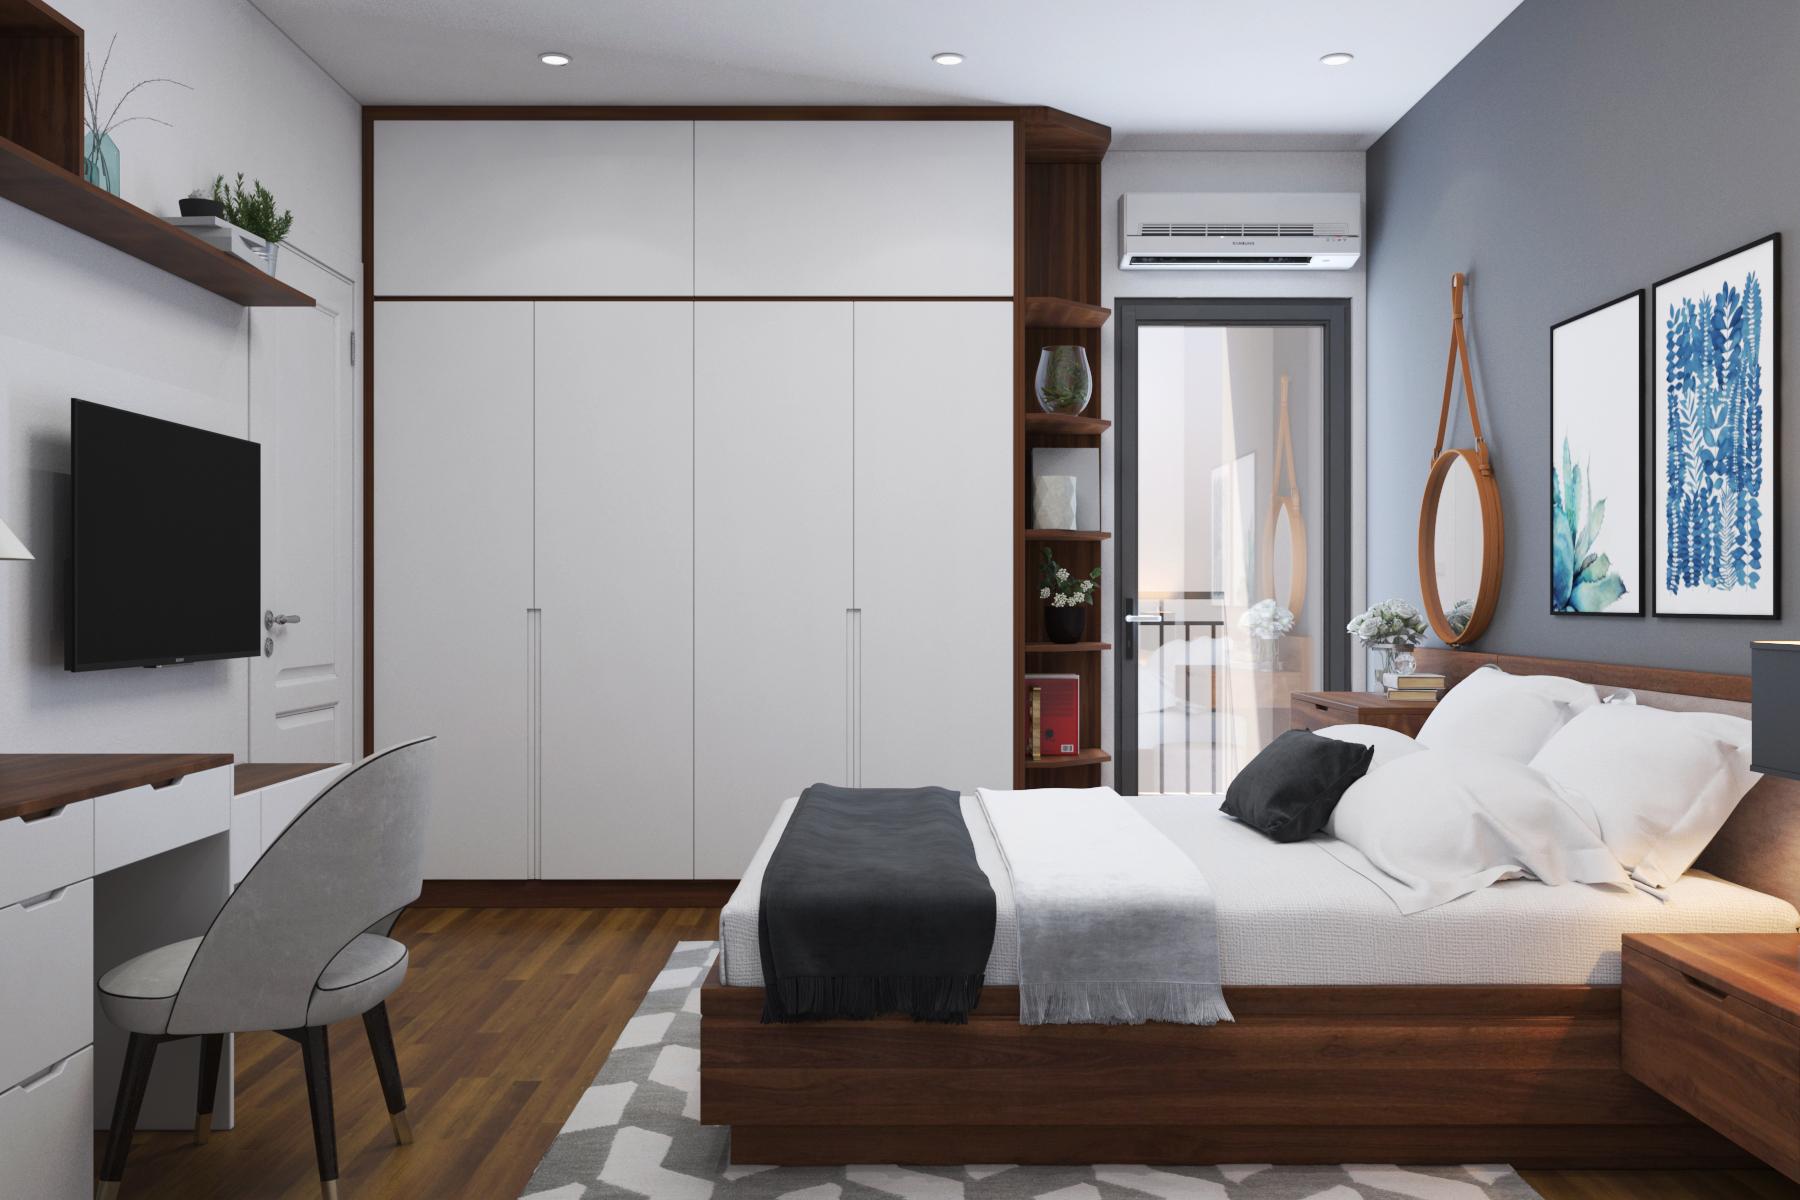 Thiết kế nội thất Chung Cư tại Hồ Chí Minh chung cư chị Tình 1627034868 9